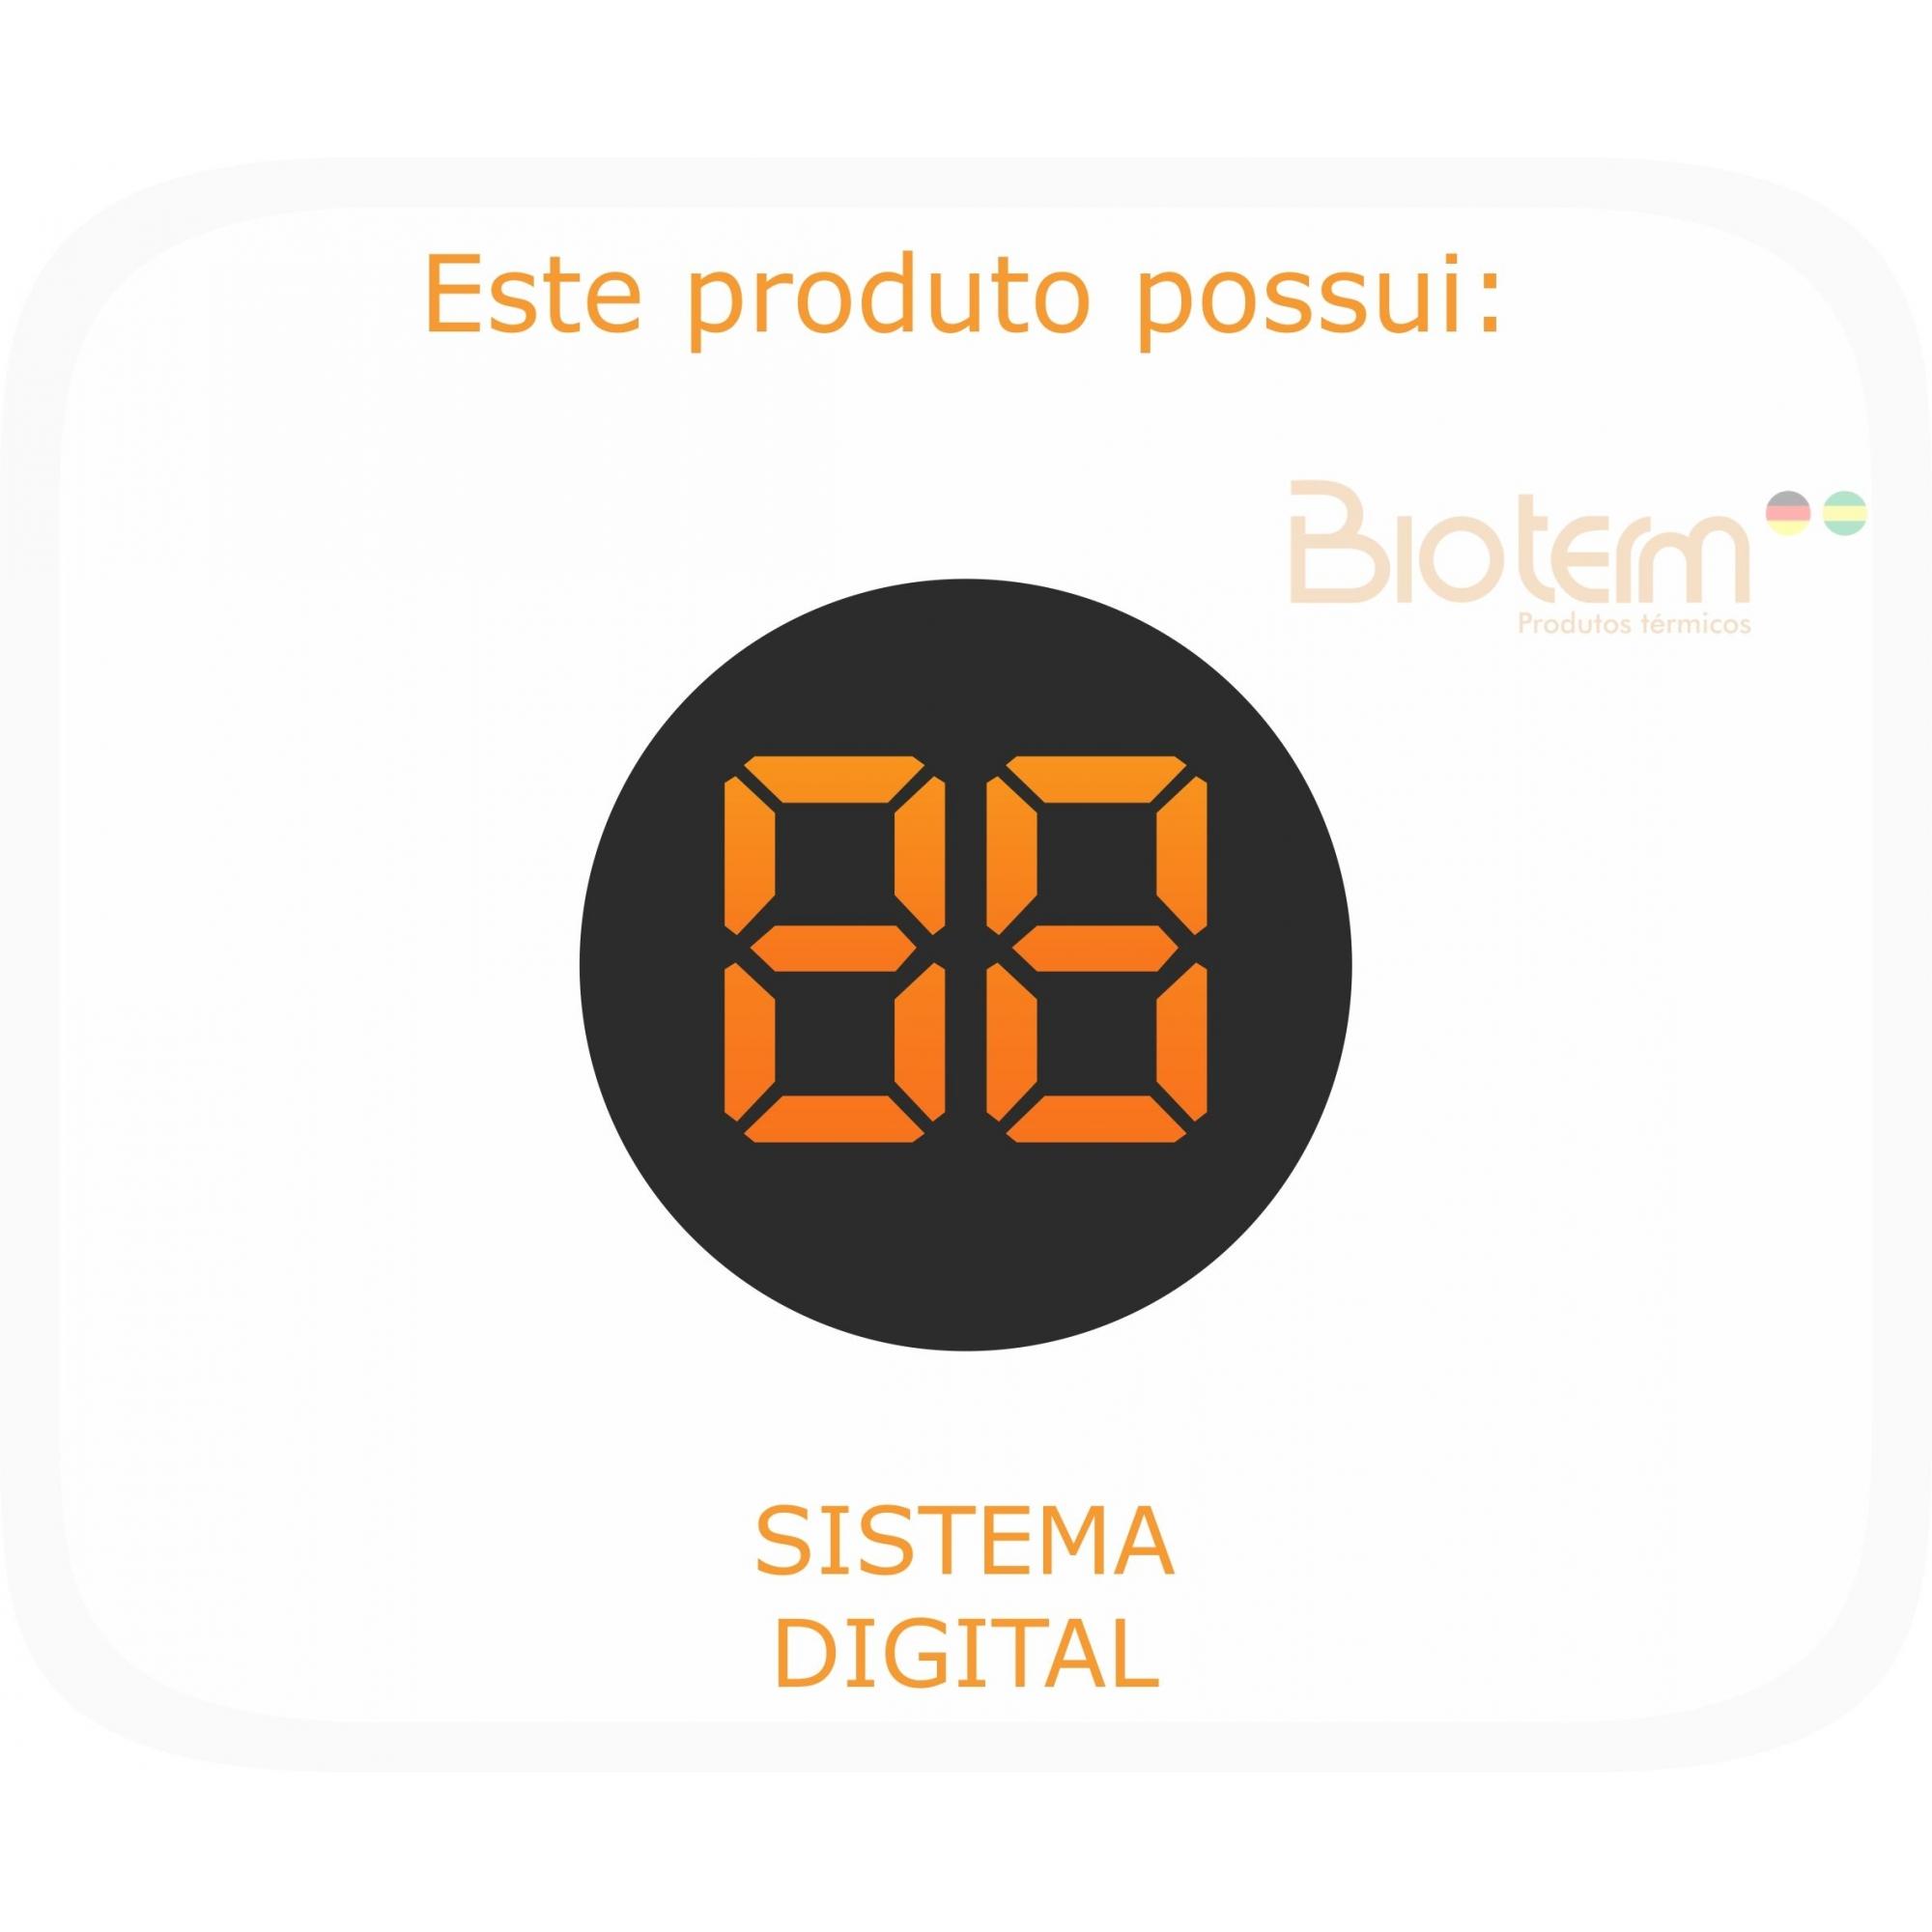 Lençol Térmico King Size Digital Bivolt Automático Bio Term